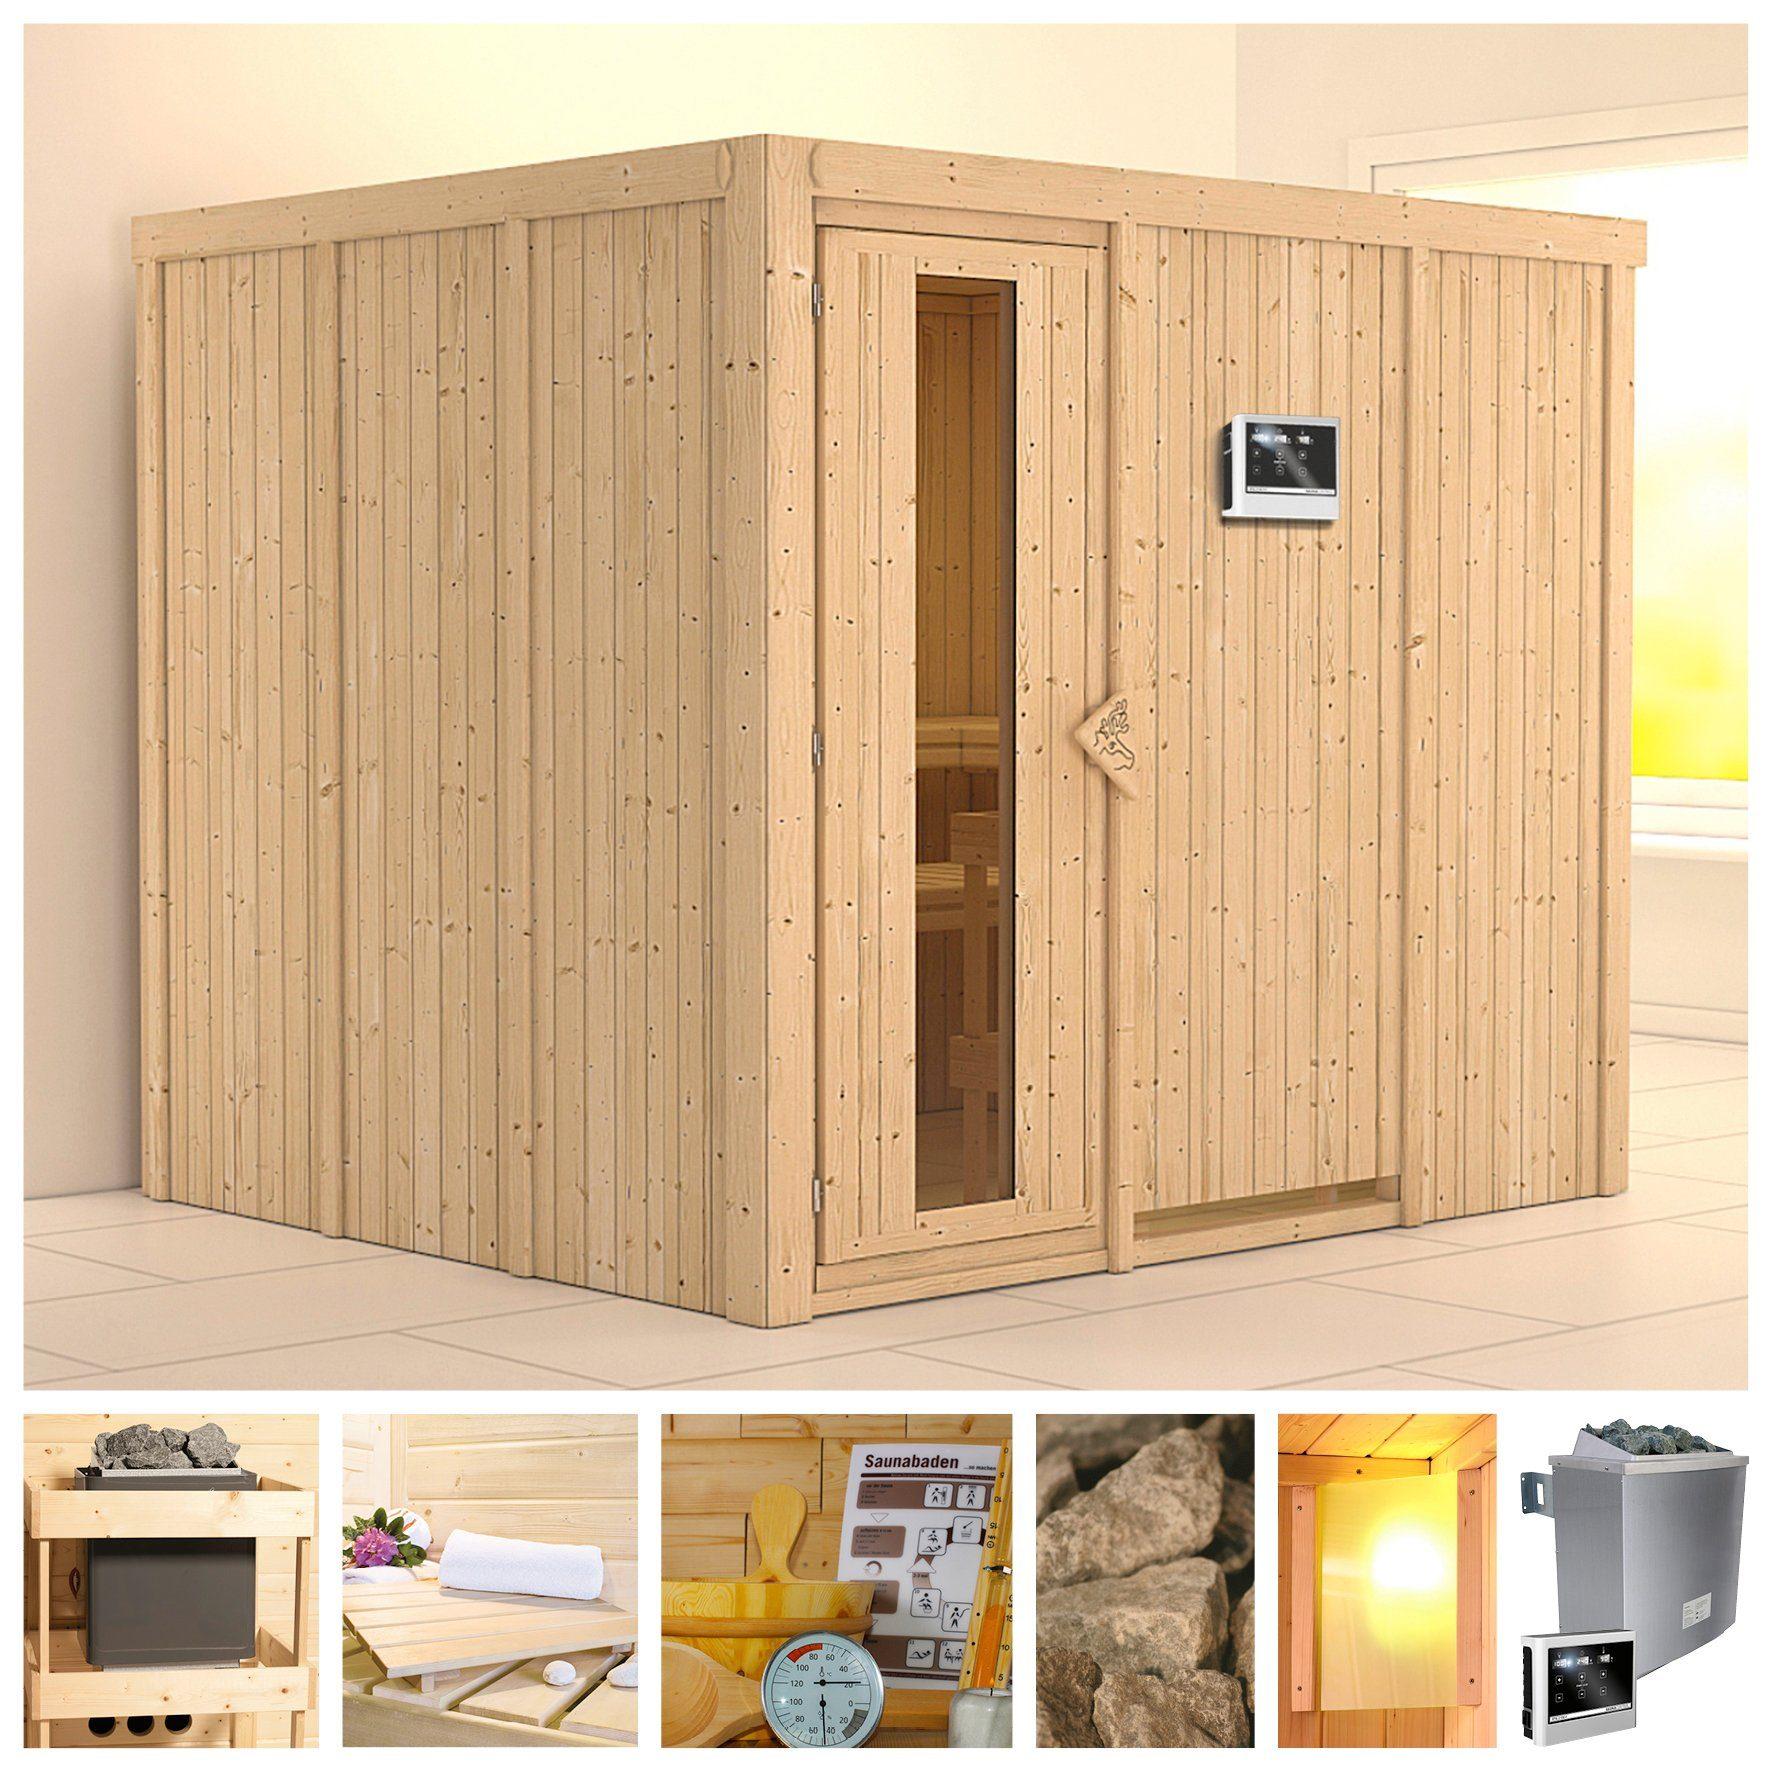 KONIFERA Sauna »Gobin«, 231/196/198 cm, 9-kW-Ofen mit ext. Steuerung, Holztür